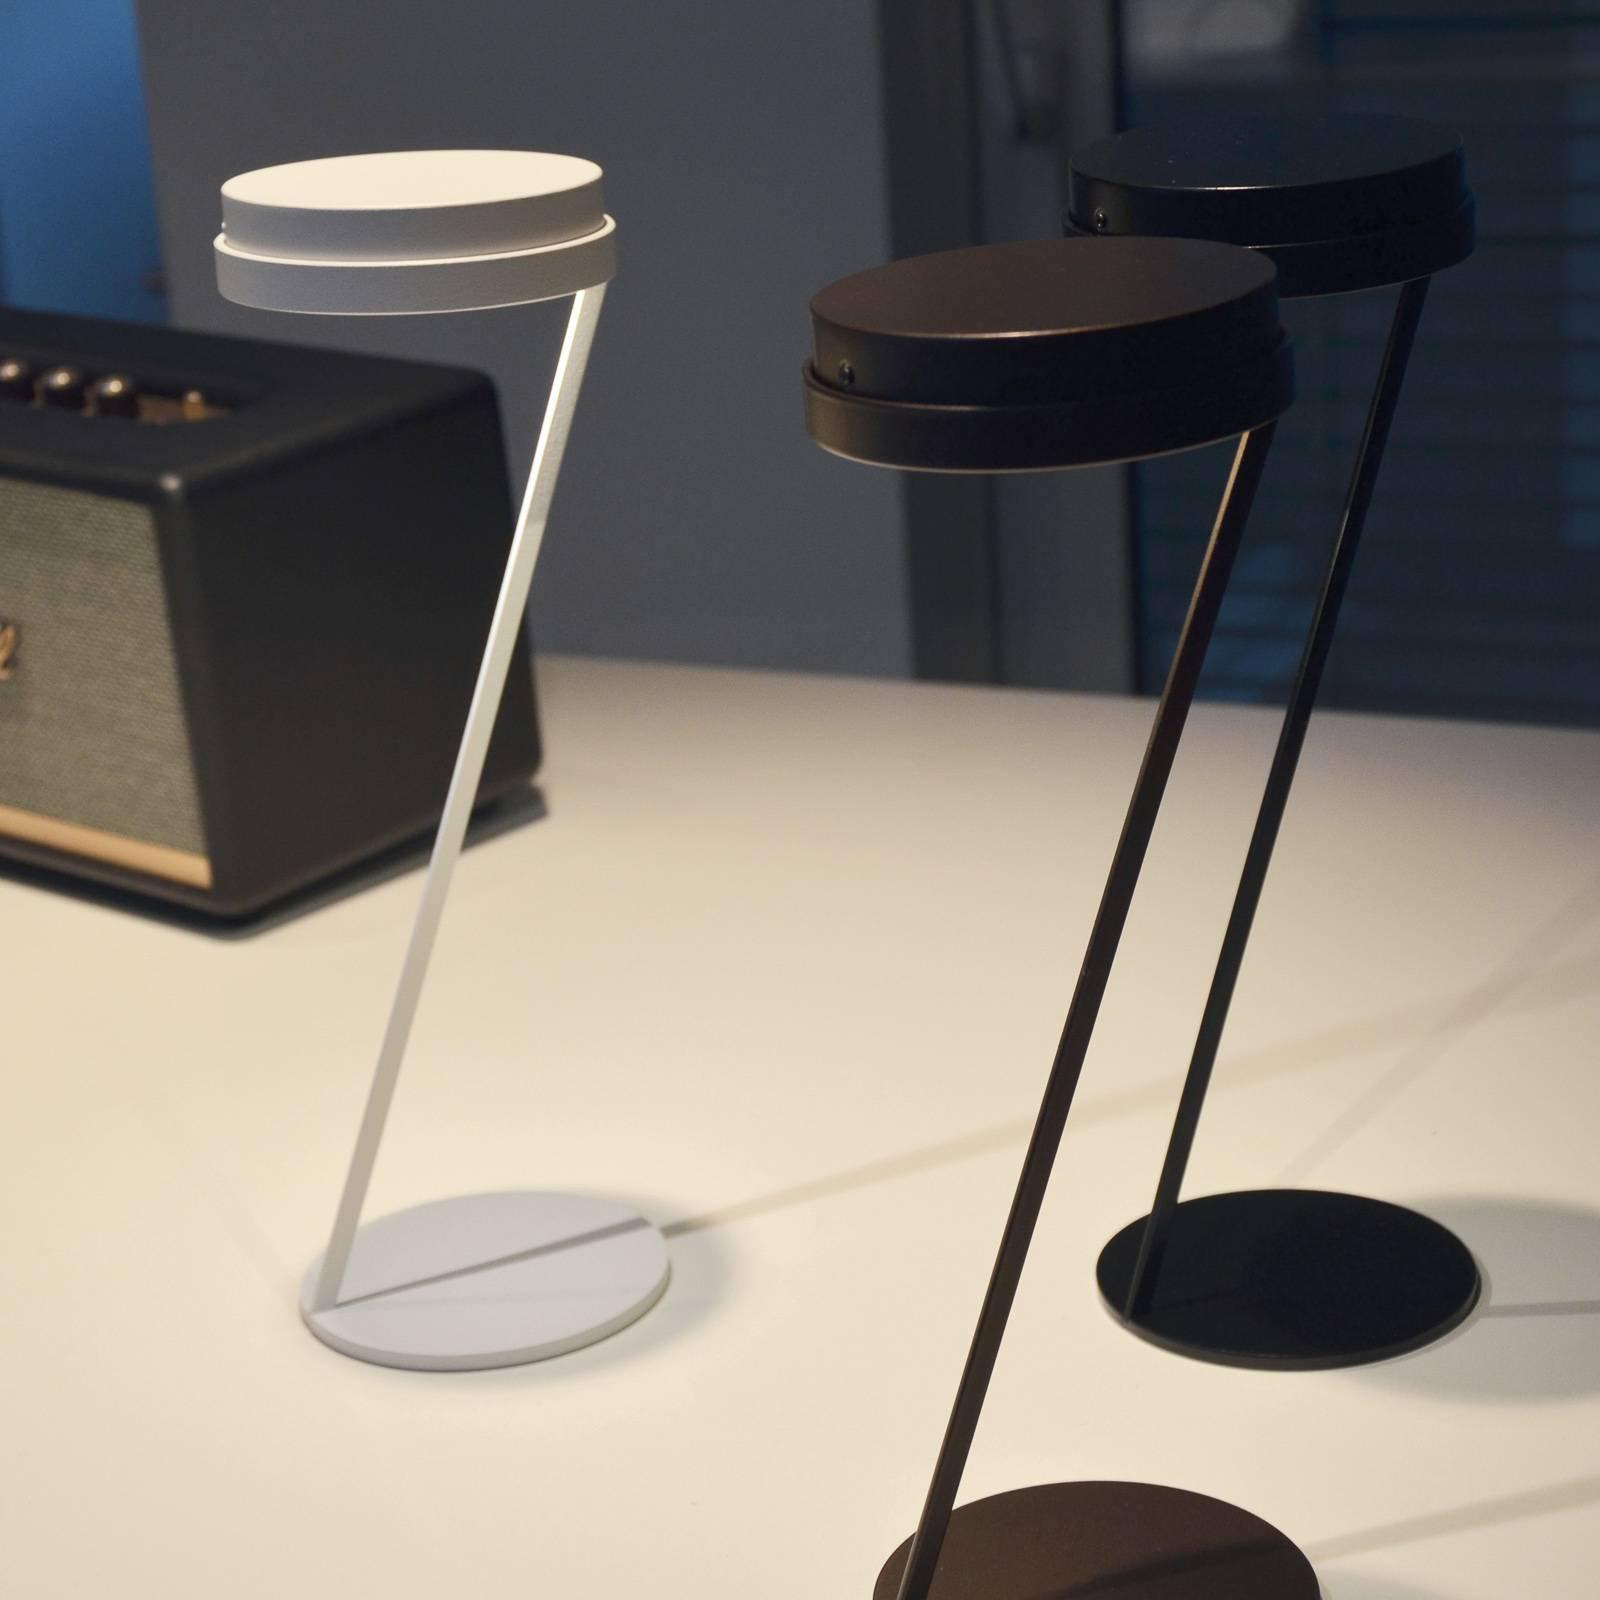 Knikerboker Zeta LED-sensor-bordlampe USB hvit